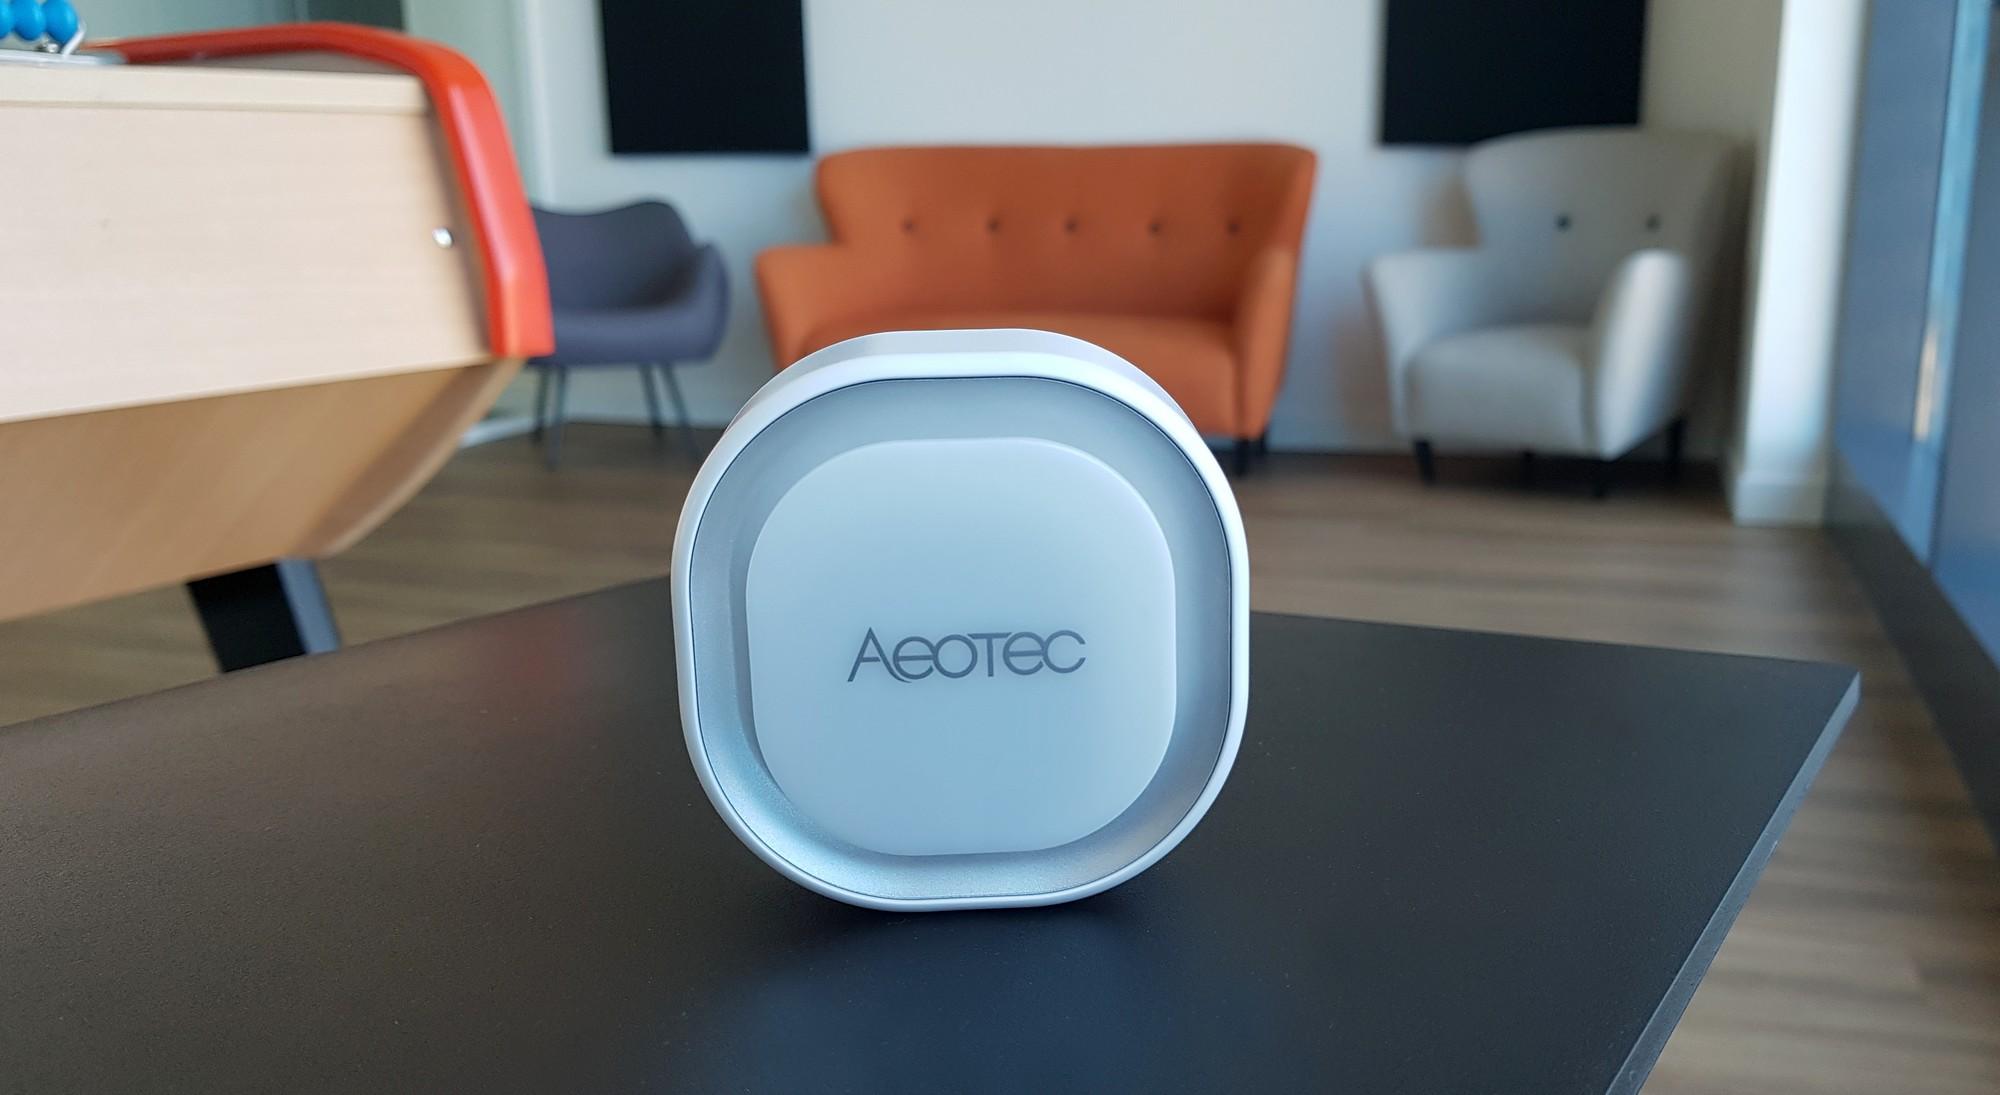 Présentation de la sirène connectée Aeotec